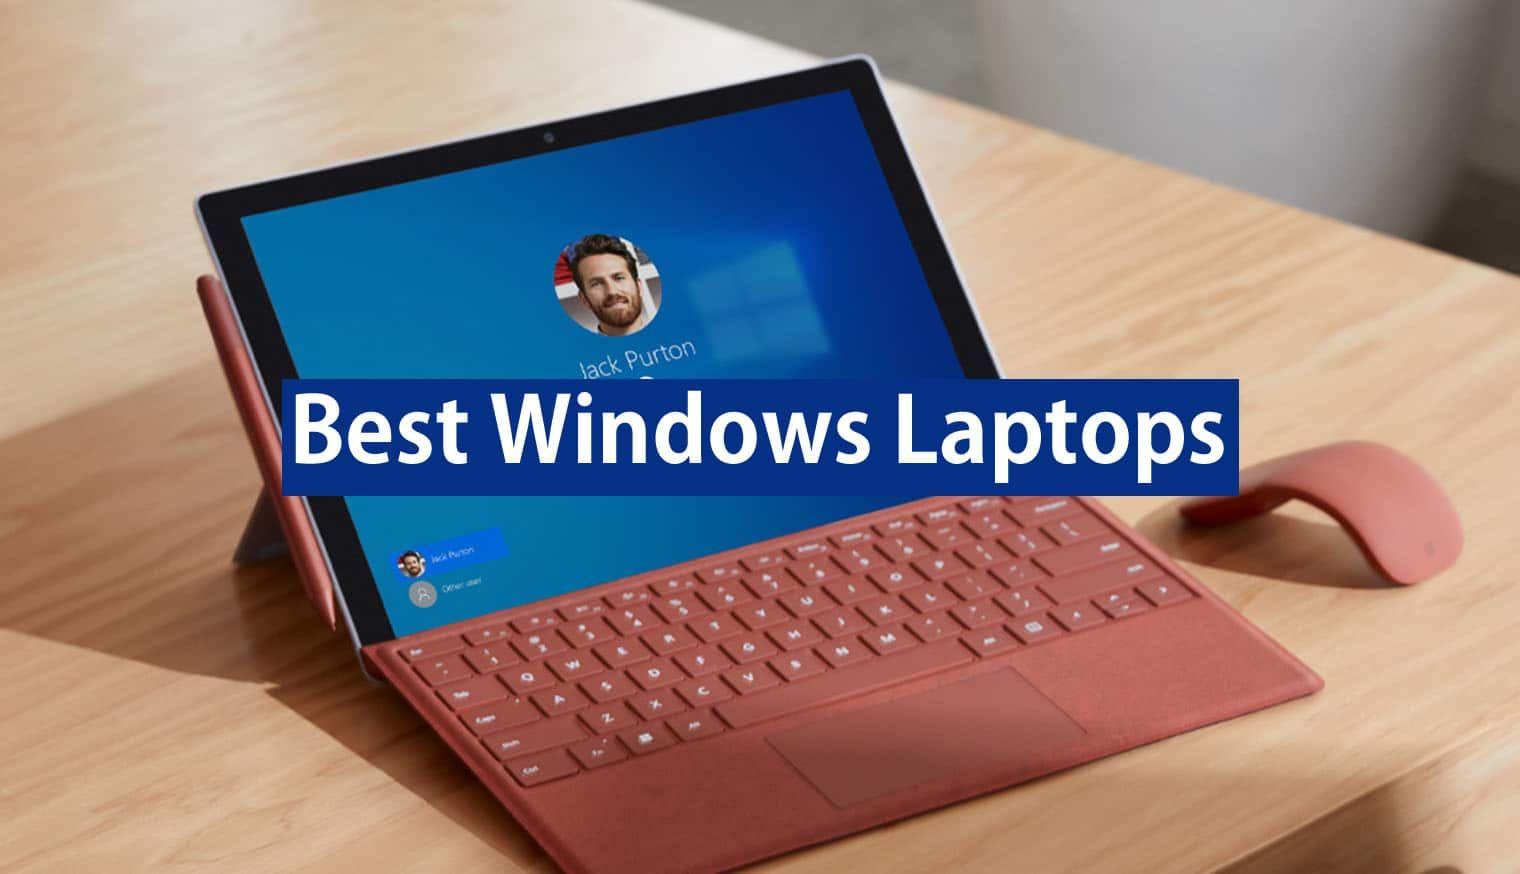 10 Best Windows Laptops 2020 In 2020 Best Laptops Laptop Best Windows